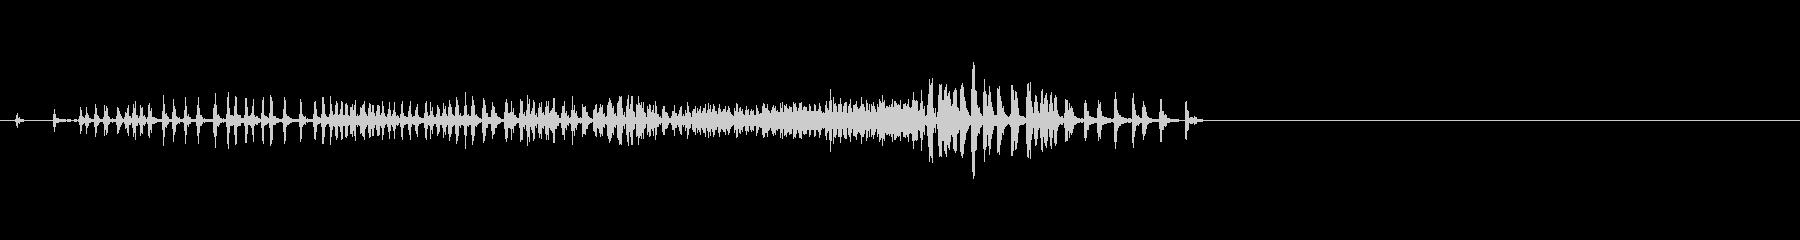 ジッパー開閉荷物の未再生の波形